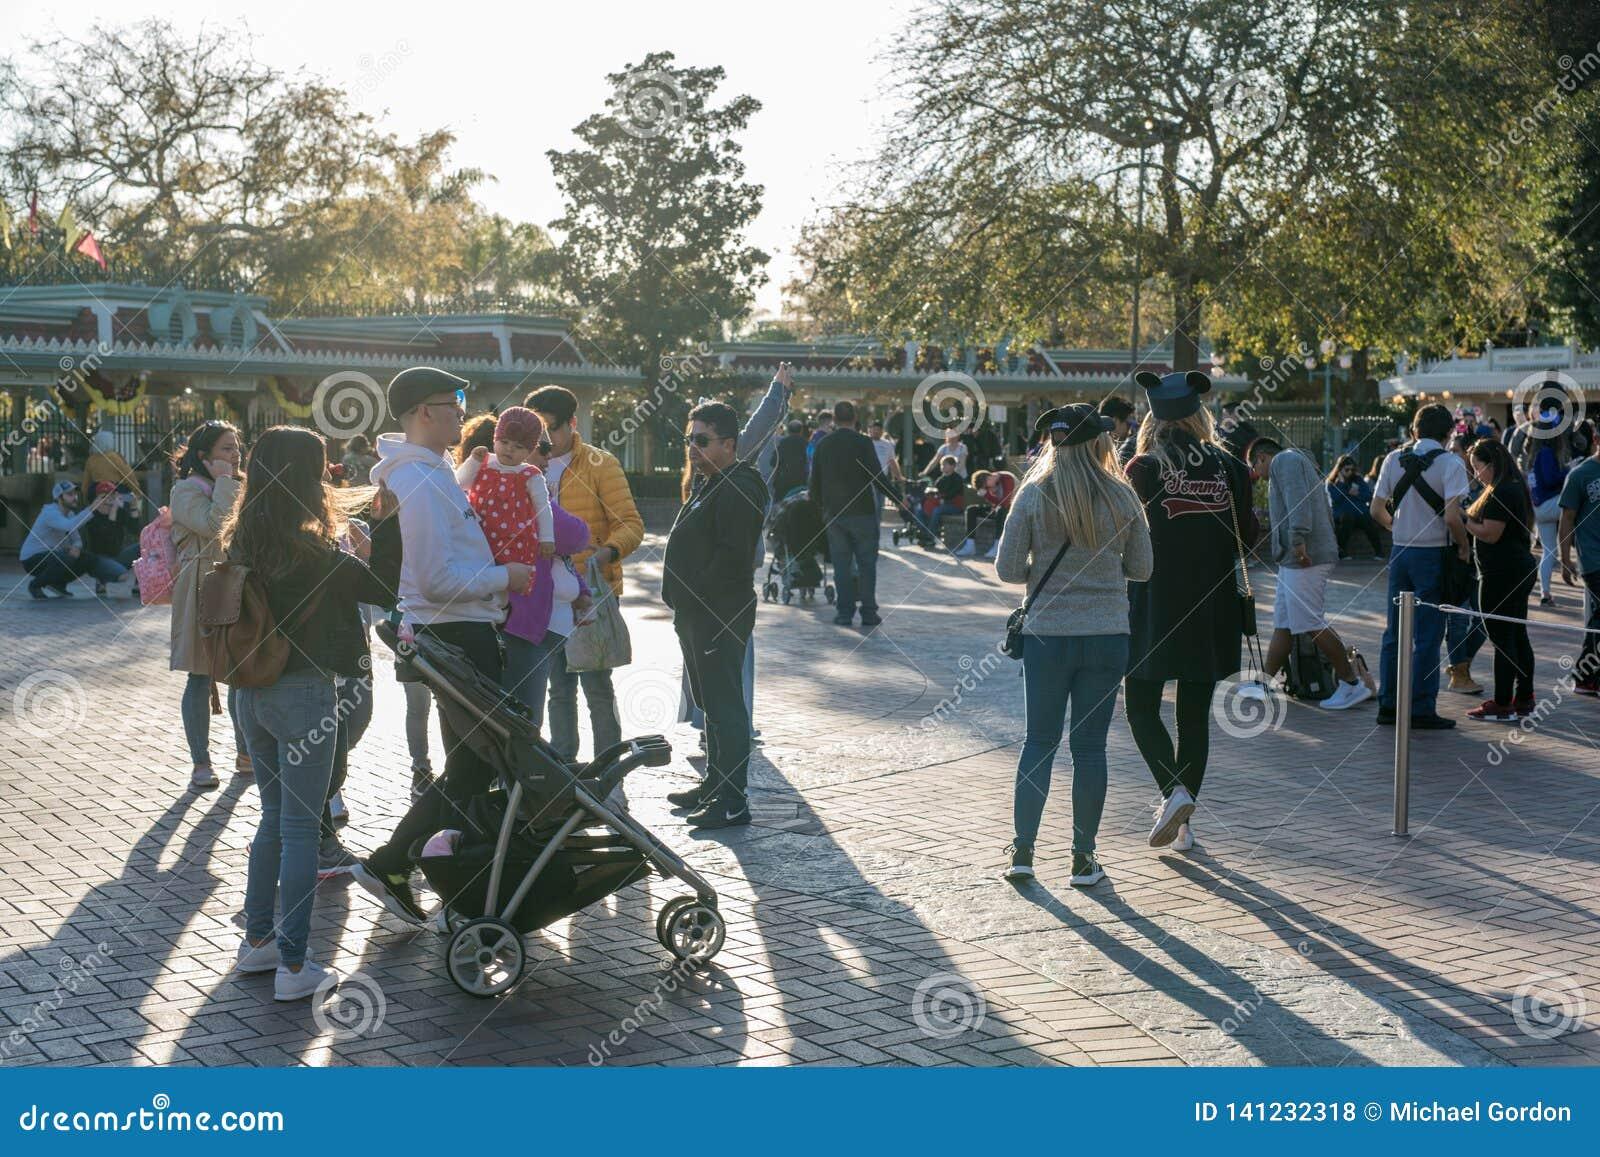 Тематический парк курорта Диснейленда в Анахайме, Калифорния